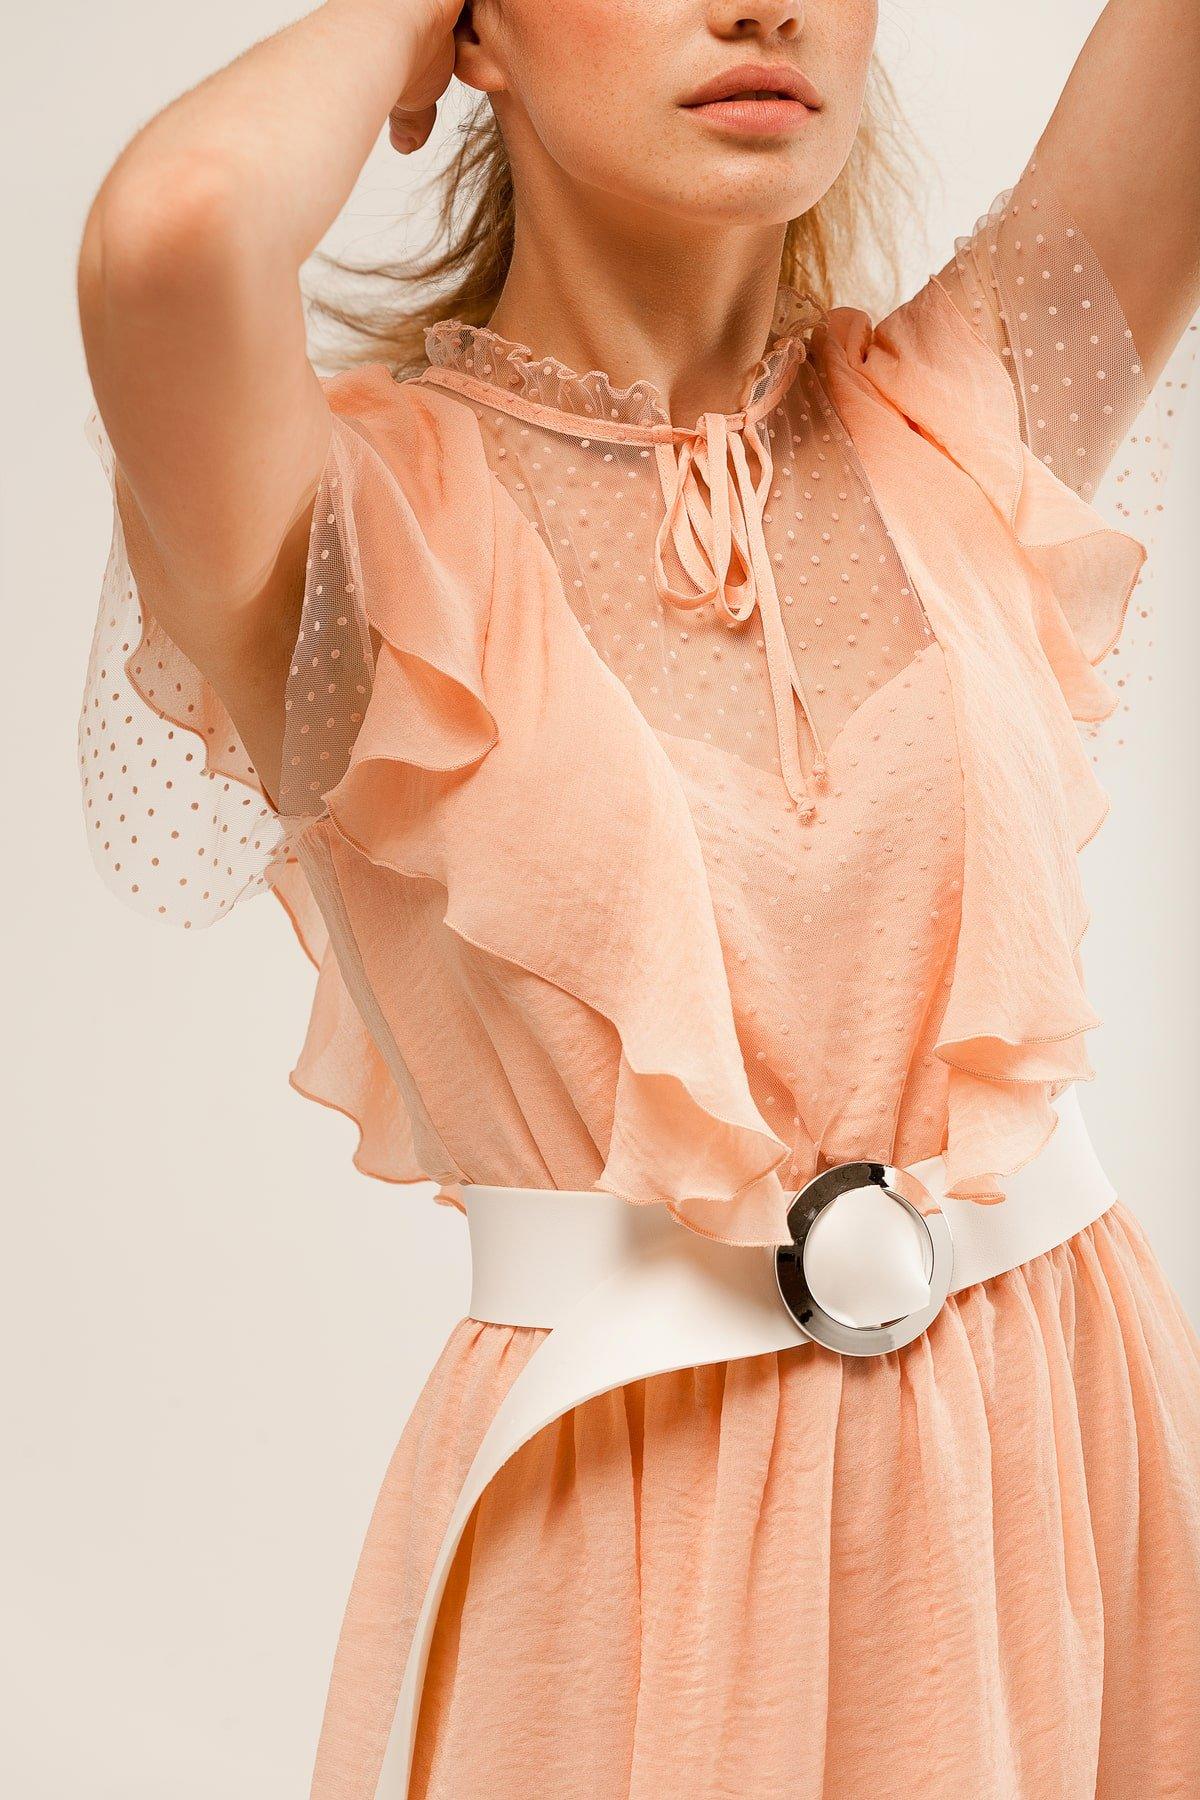 Платье Дали 6992 АРТ. 42308 Цвет: Пудра - фото 6, интернет магазин tm-modus.ru